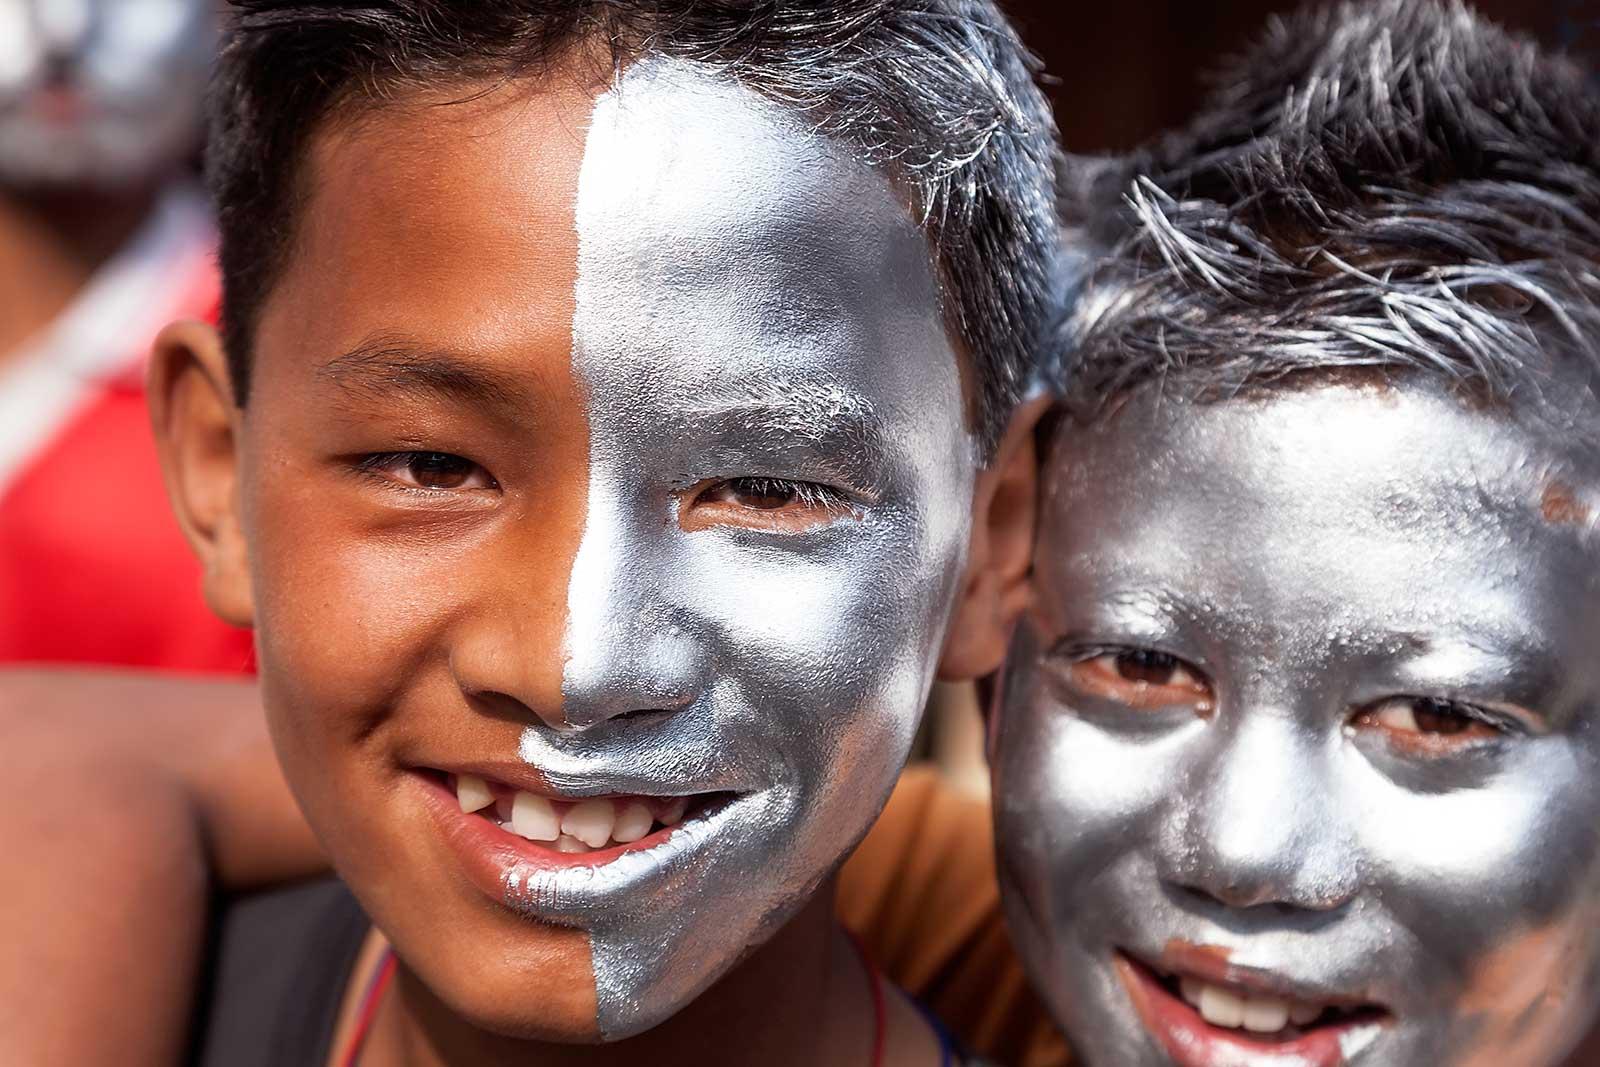 holi-festival-celebration-india-kalimpong-7